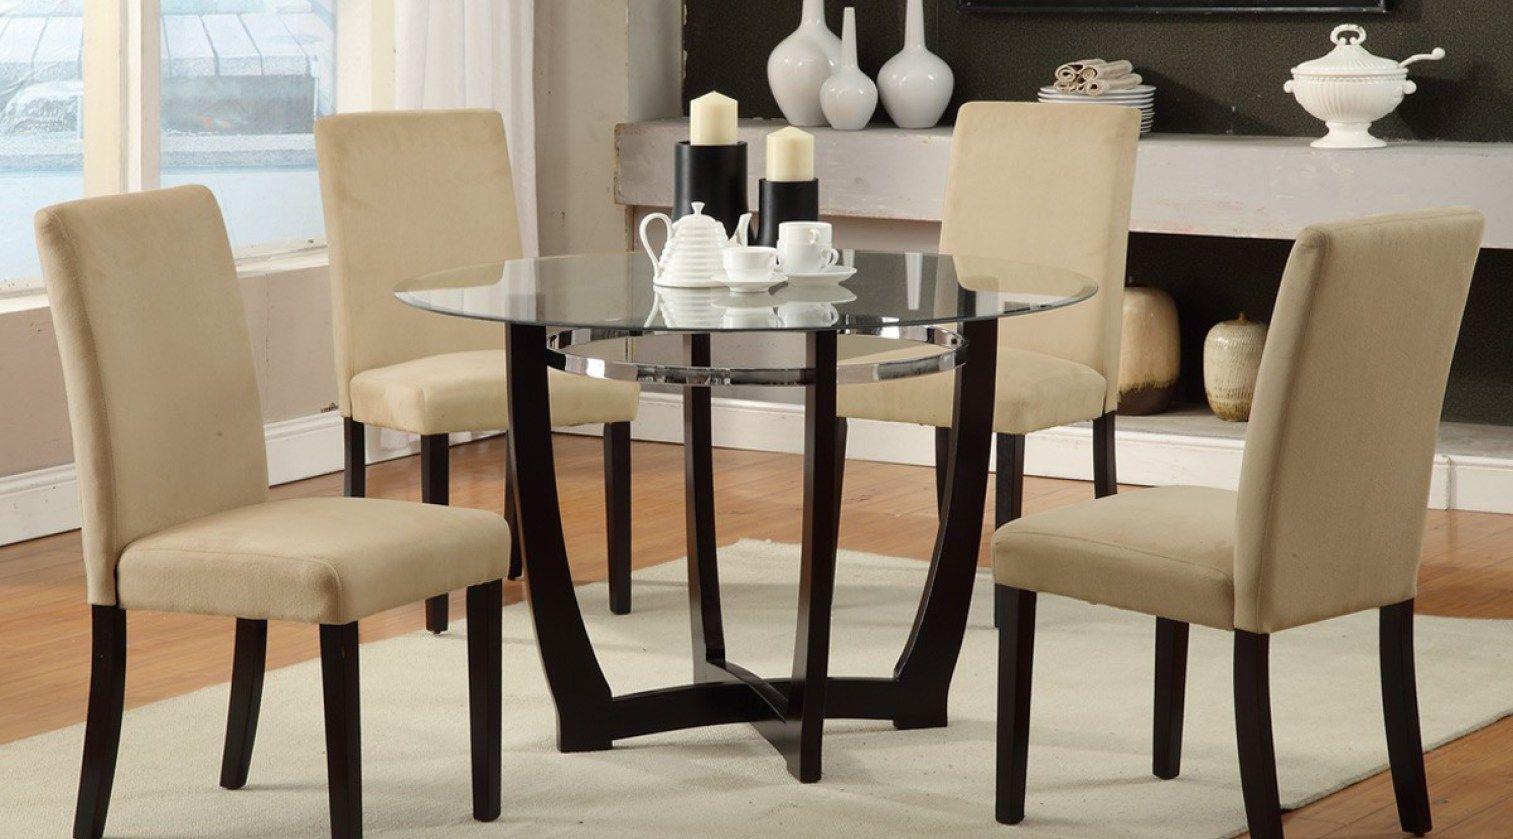 Neueste Design Esstisch Und Stühle   Neueste Design Der Esstisch ...